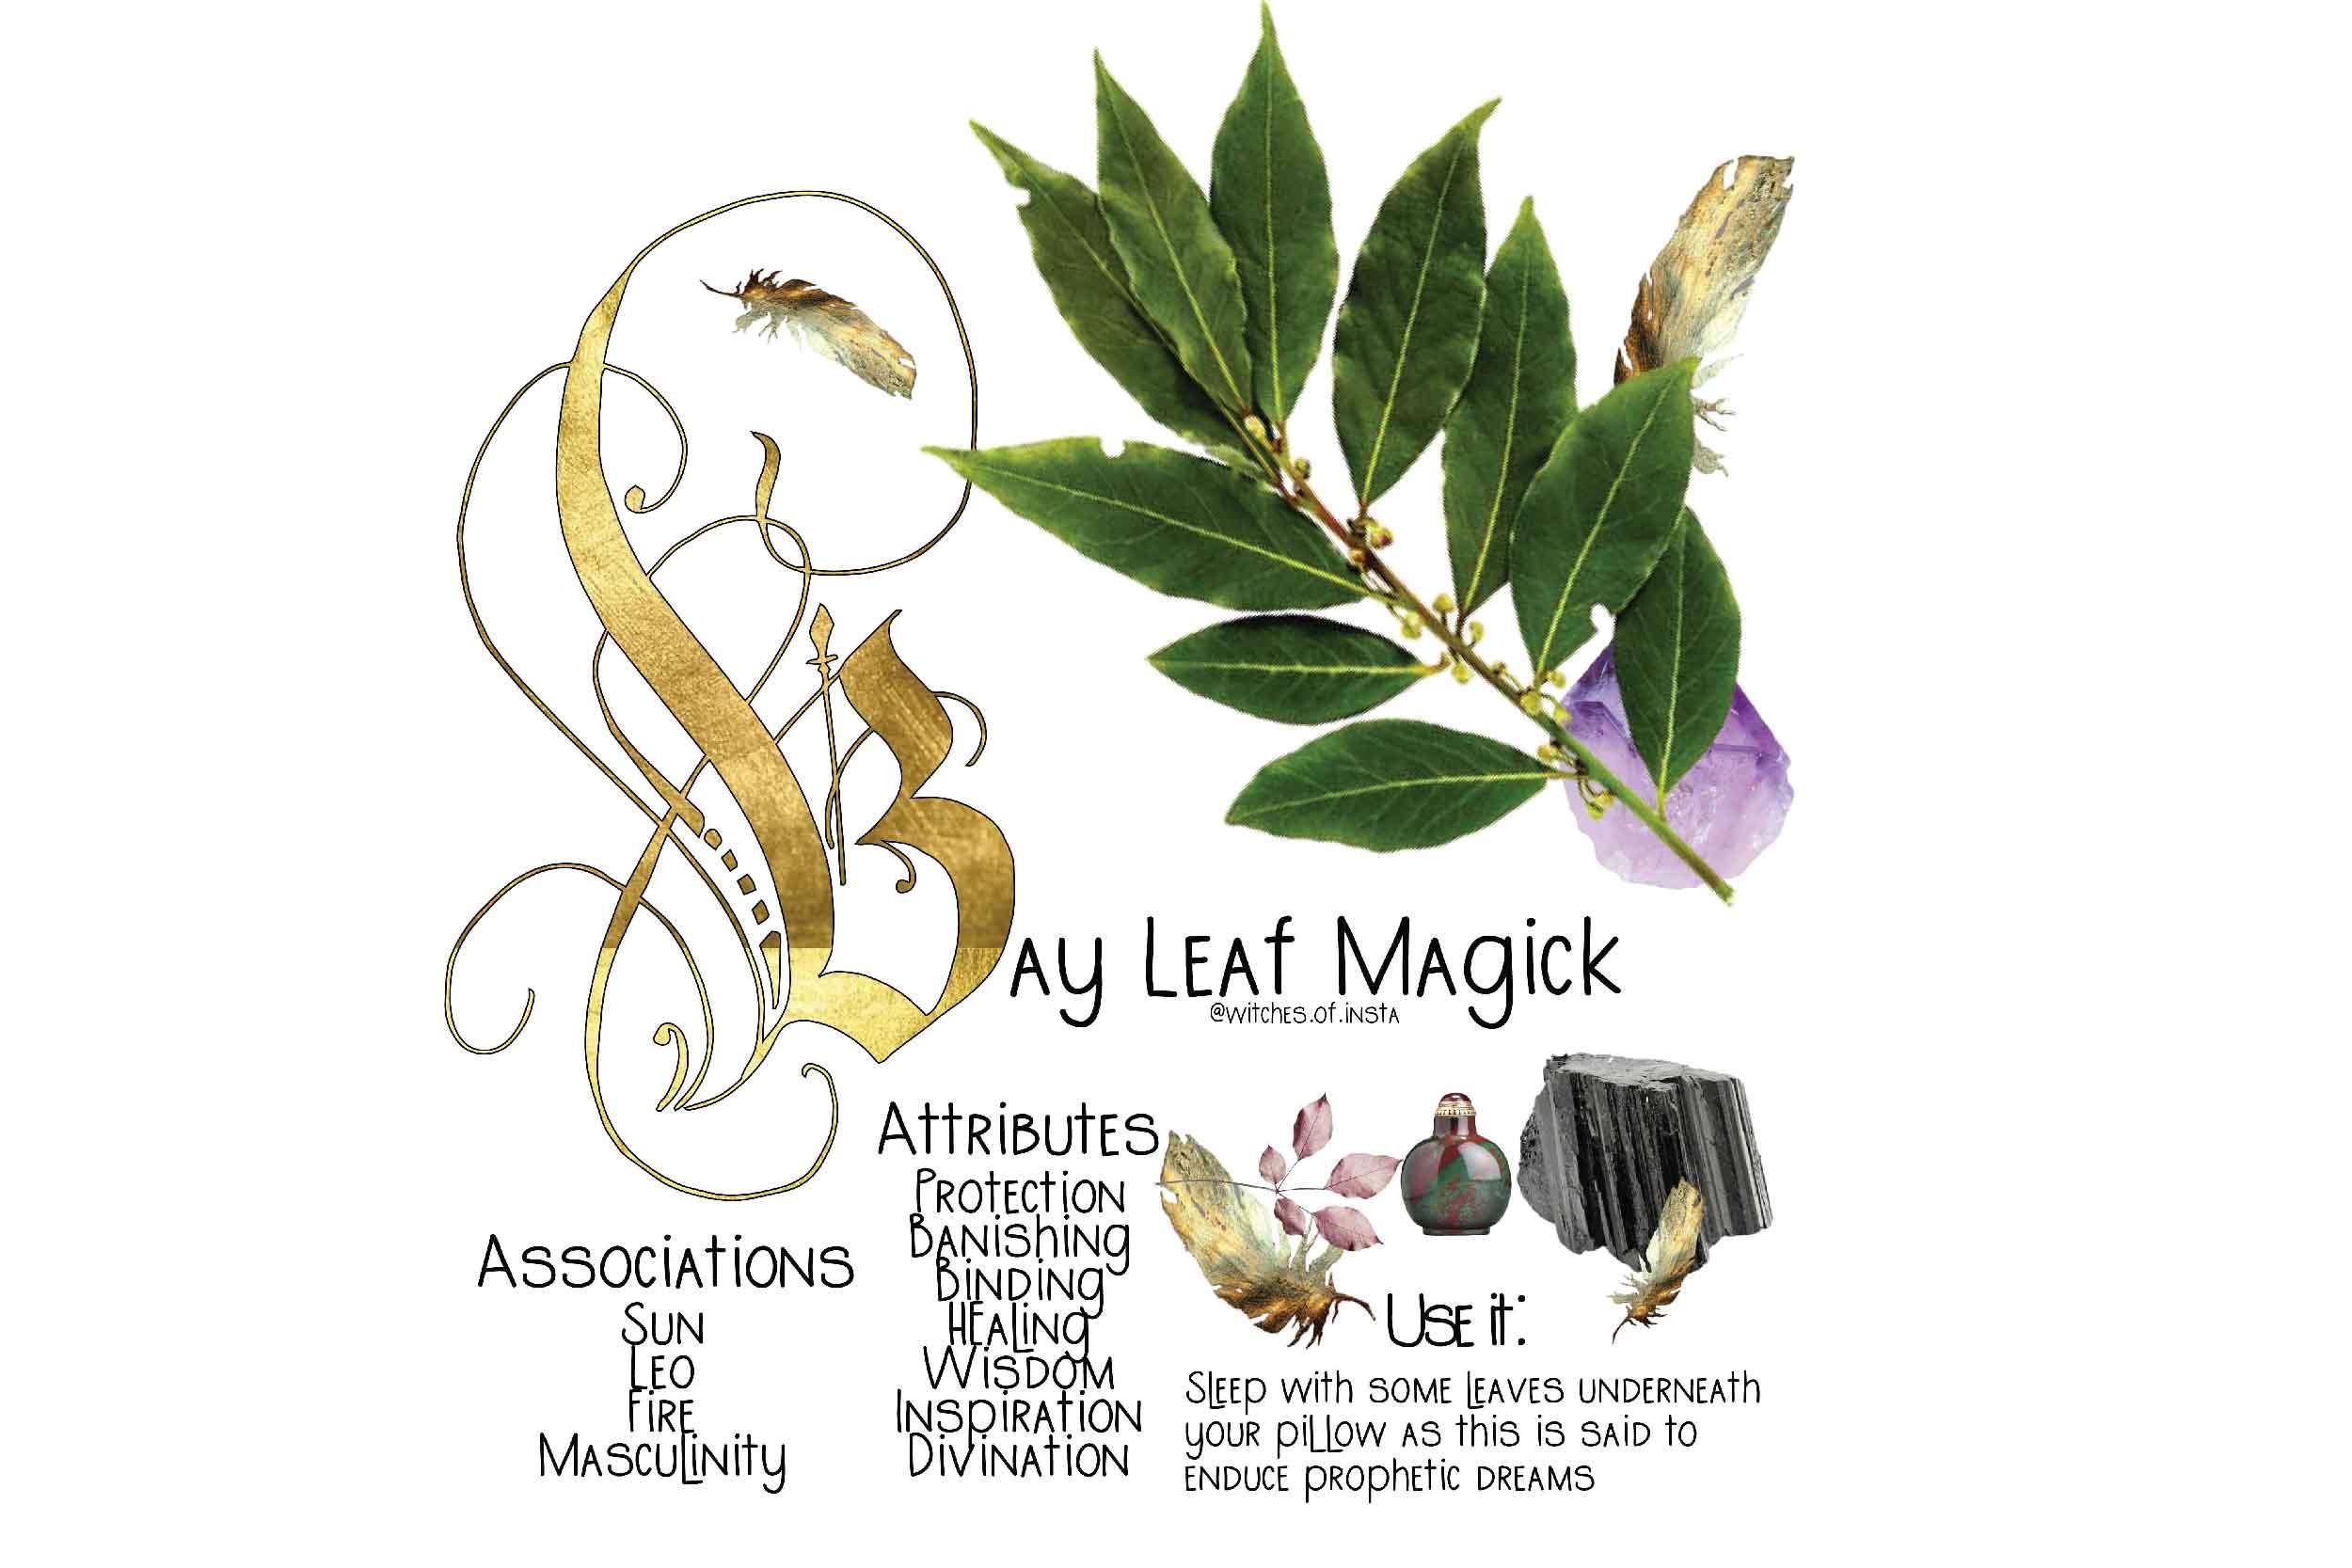 Bay Leaf Magick